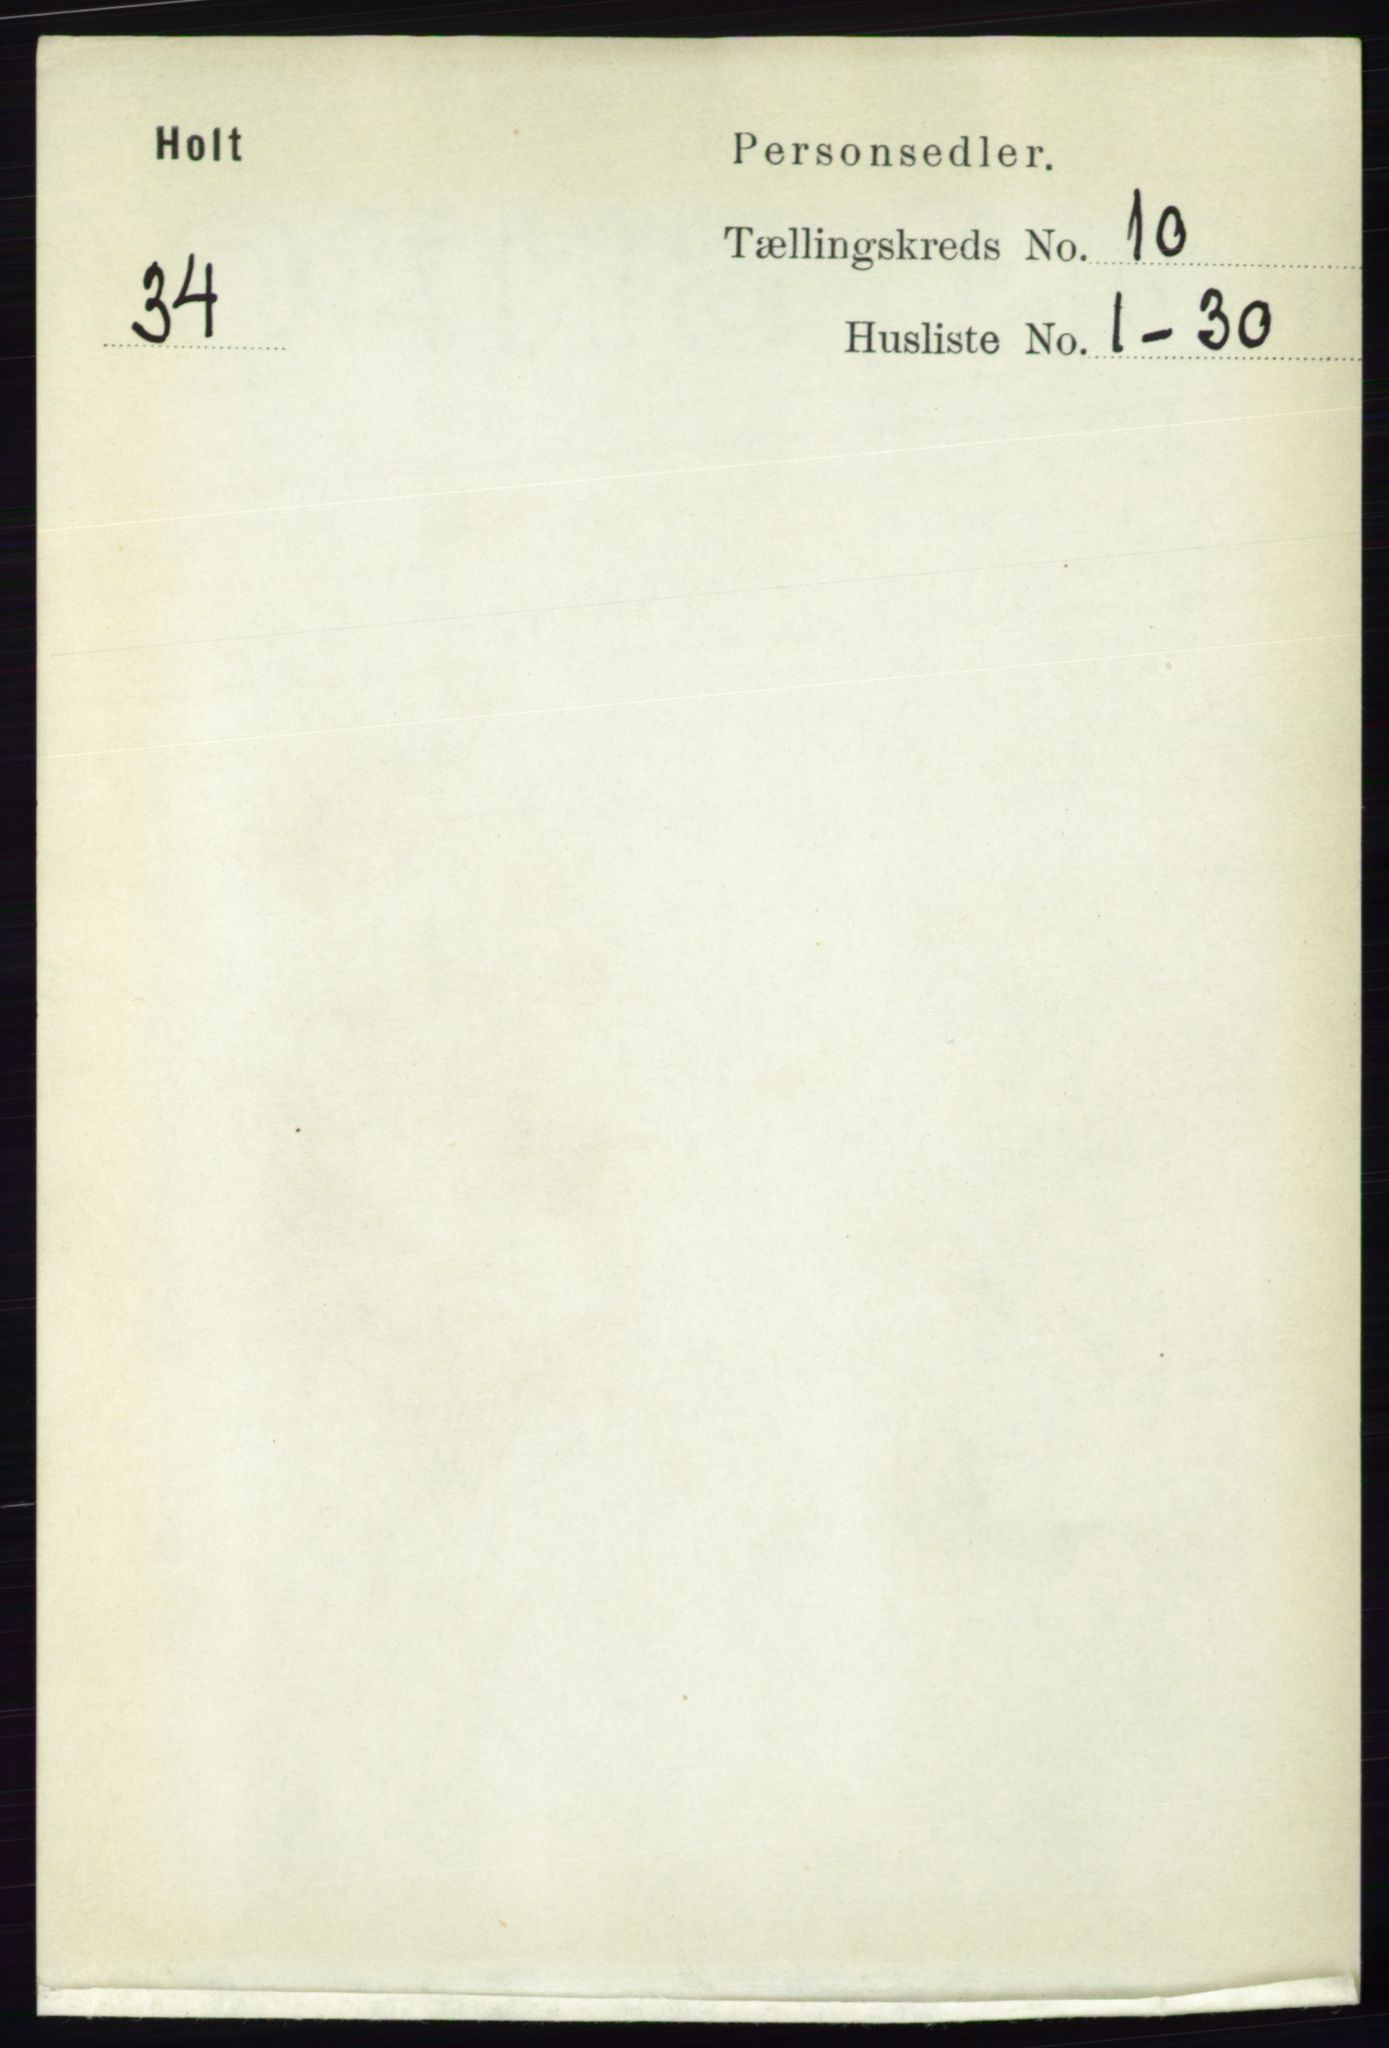 RA, Folketelling 1891 for 0914 Holt herred, 1891, s. 4425